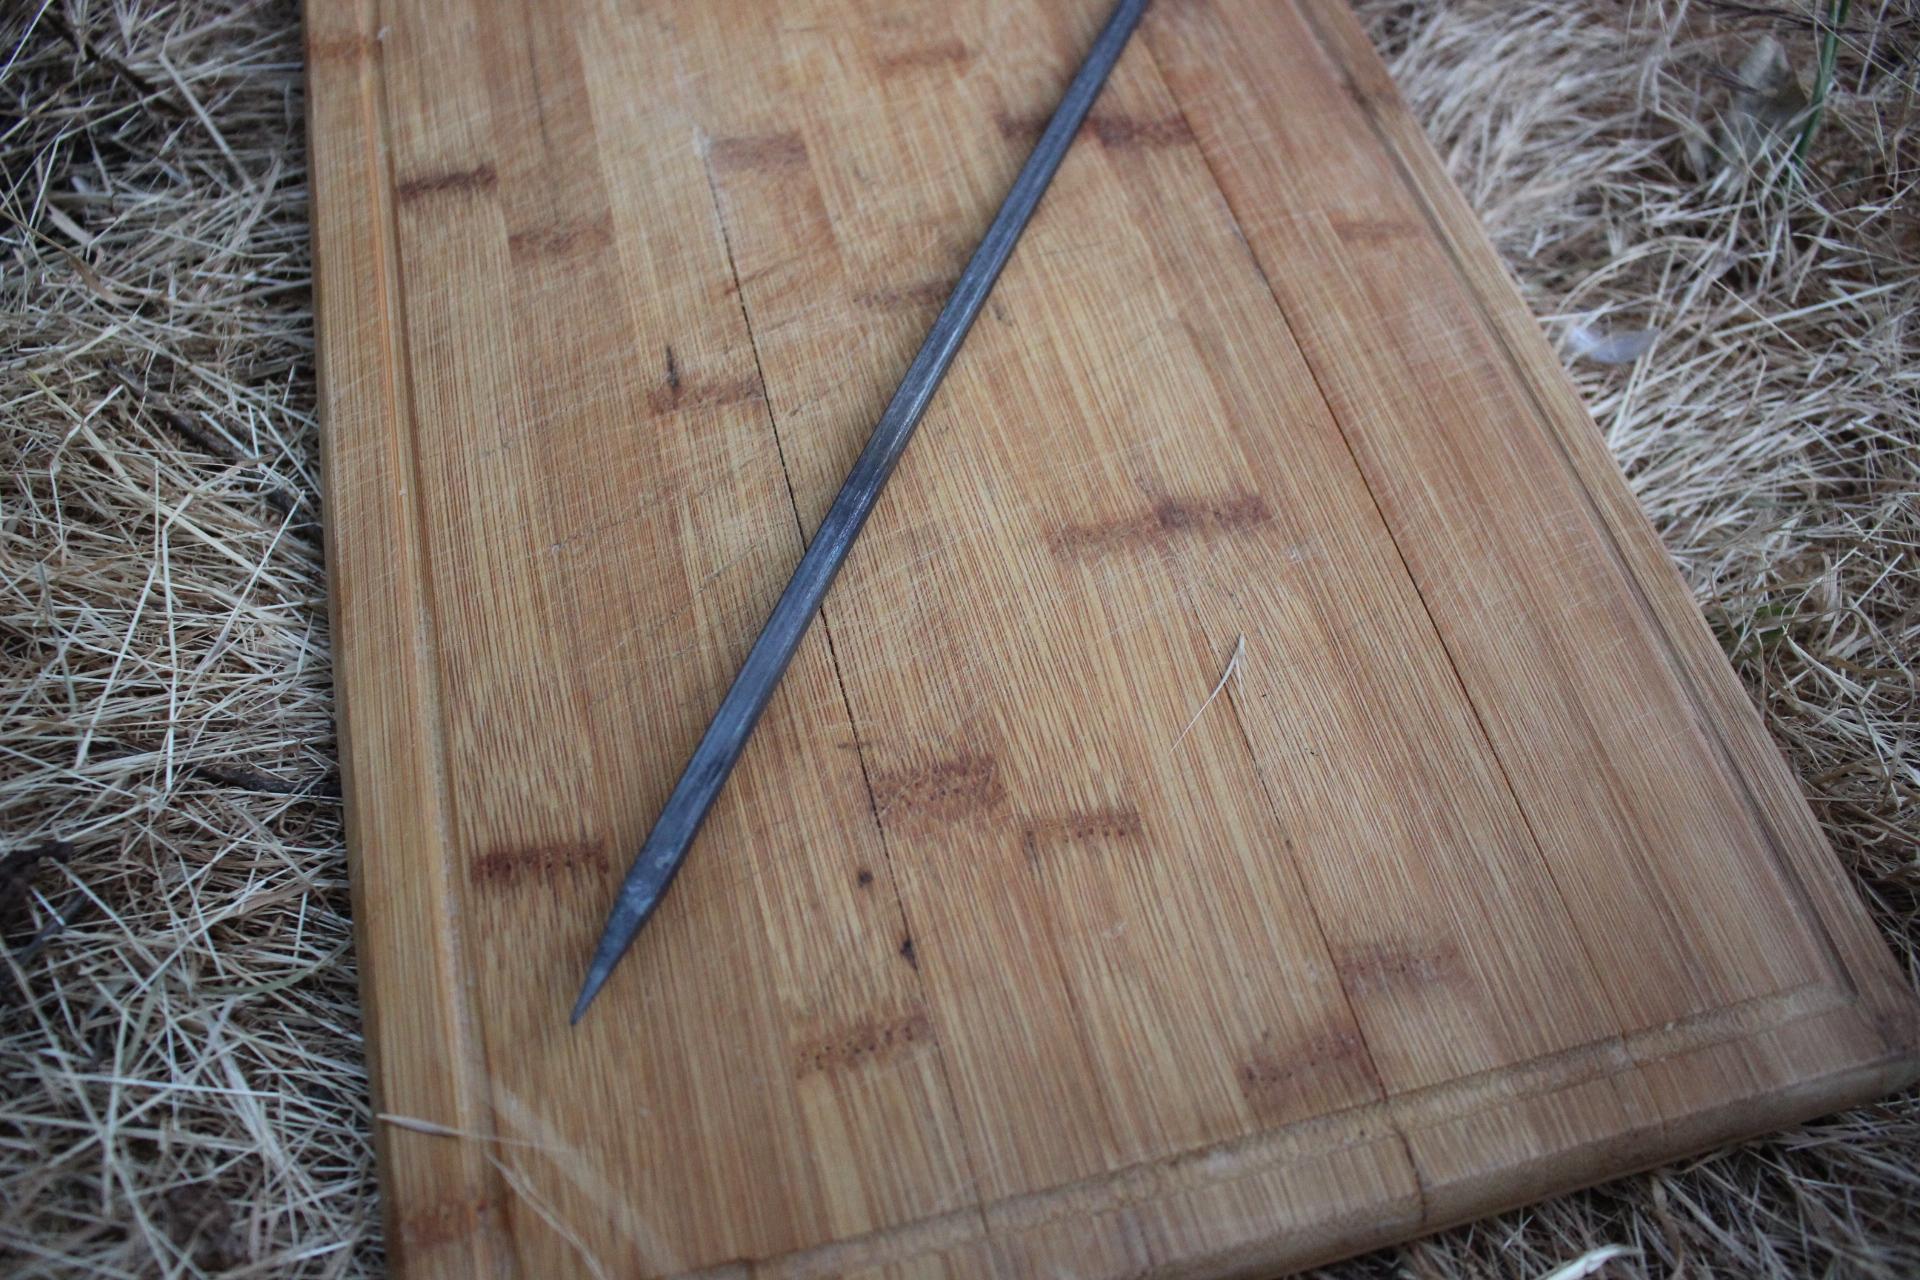 Kuşbaşı-Patlıcan Kebabı Şişi 60 cm 7 mm (6 Adet )